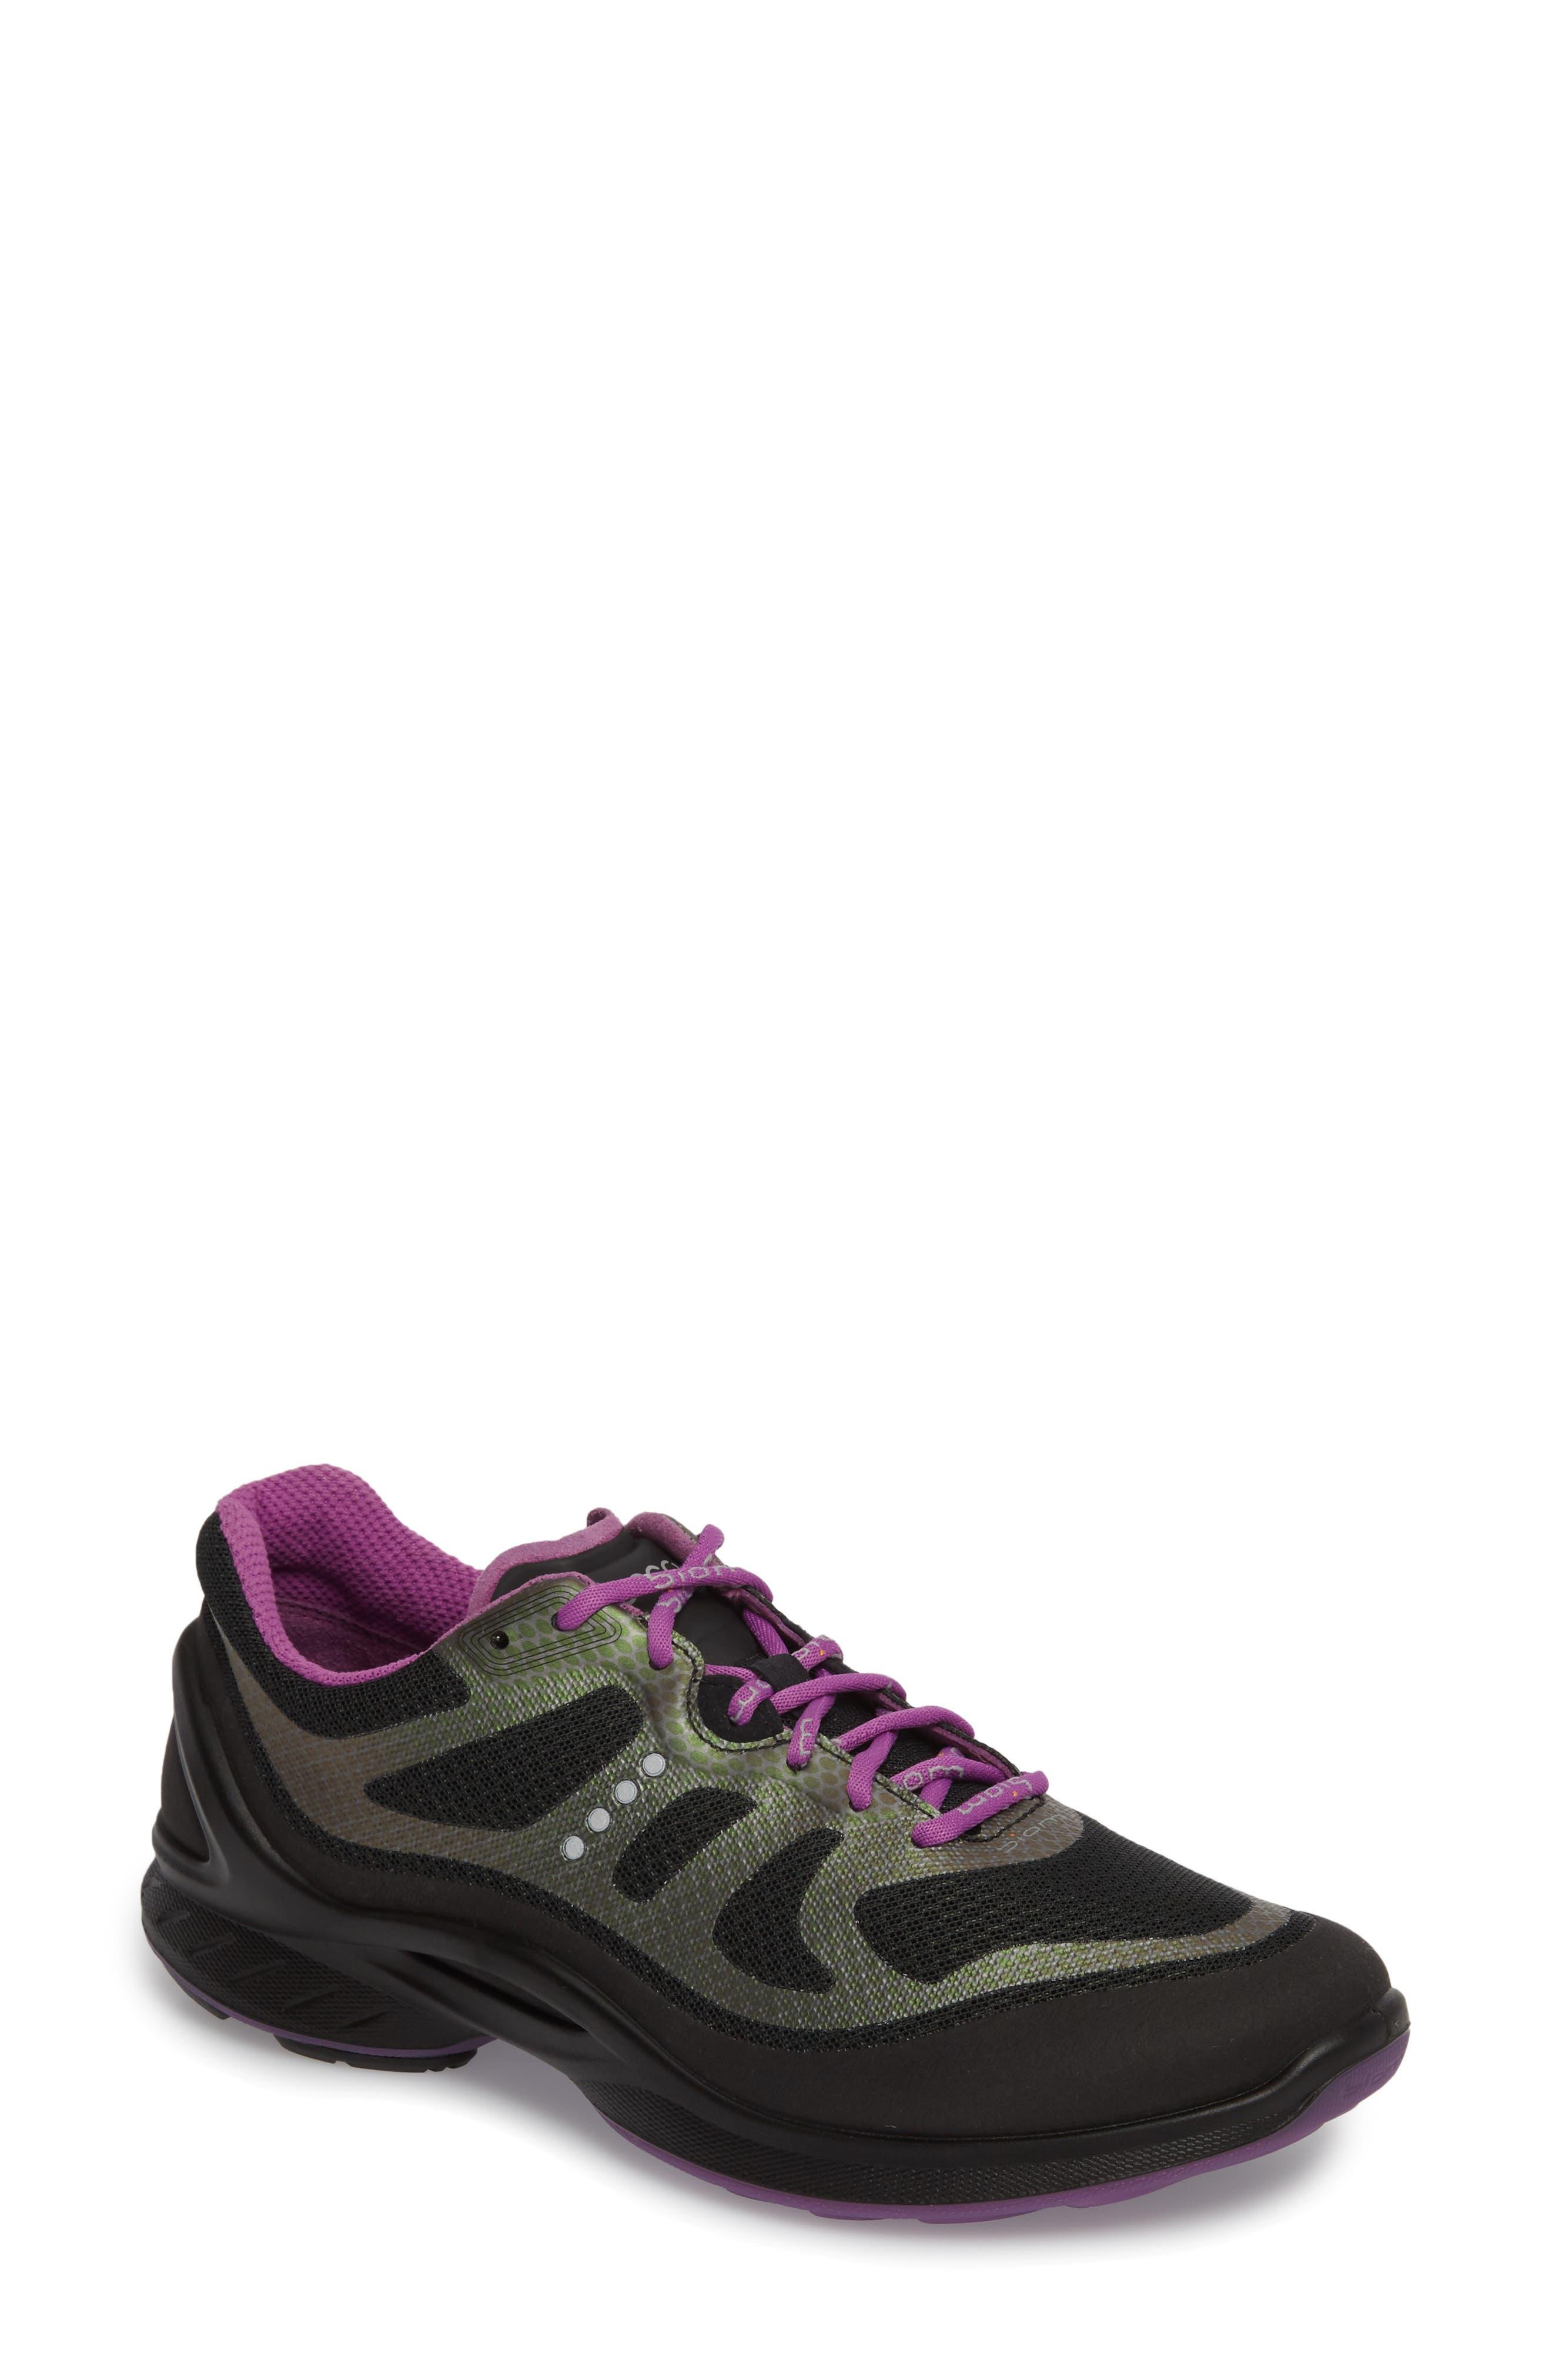 Ecco Biom Fjuel Tie Sneaker, Black